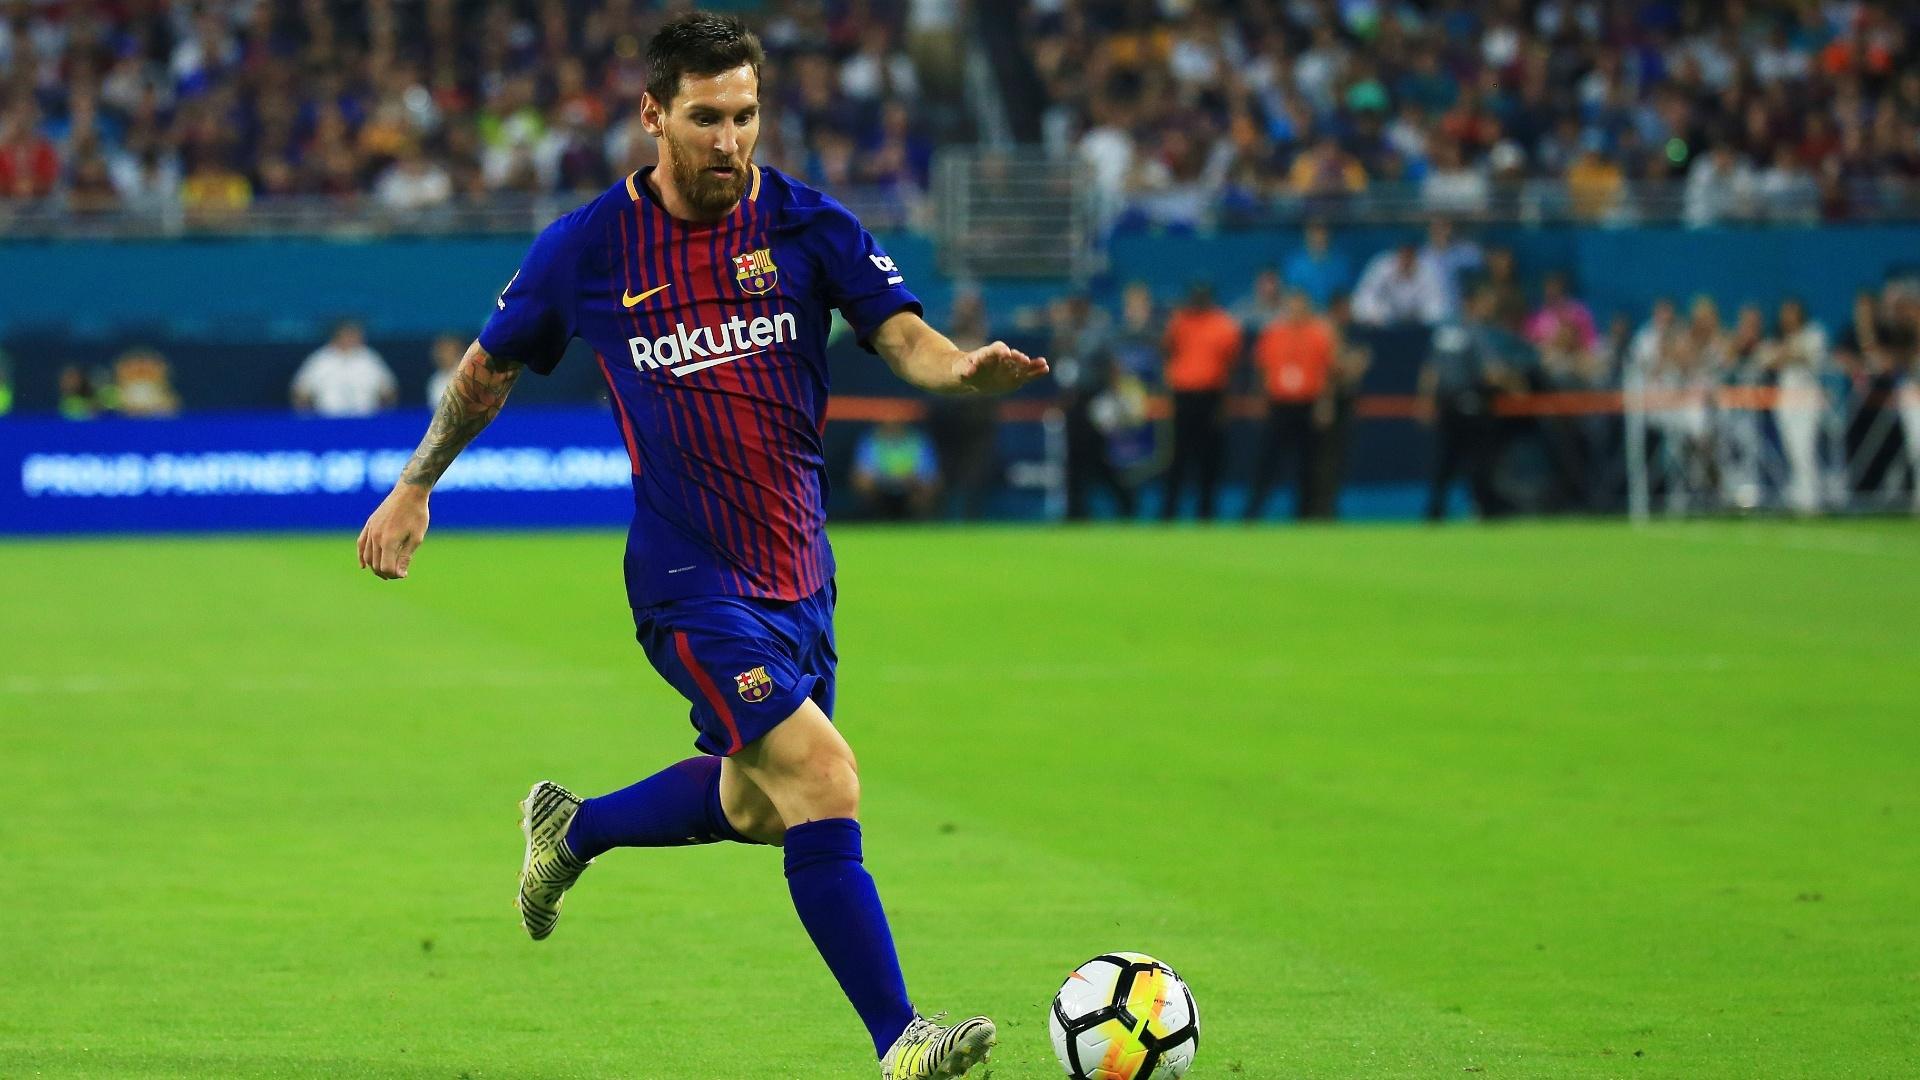 Messi conduz a bola durante o clássico entre Real Madrid e Barcelona nos Estados Unidos